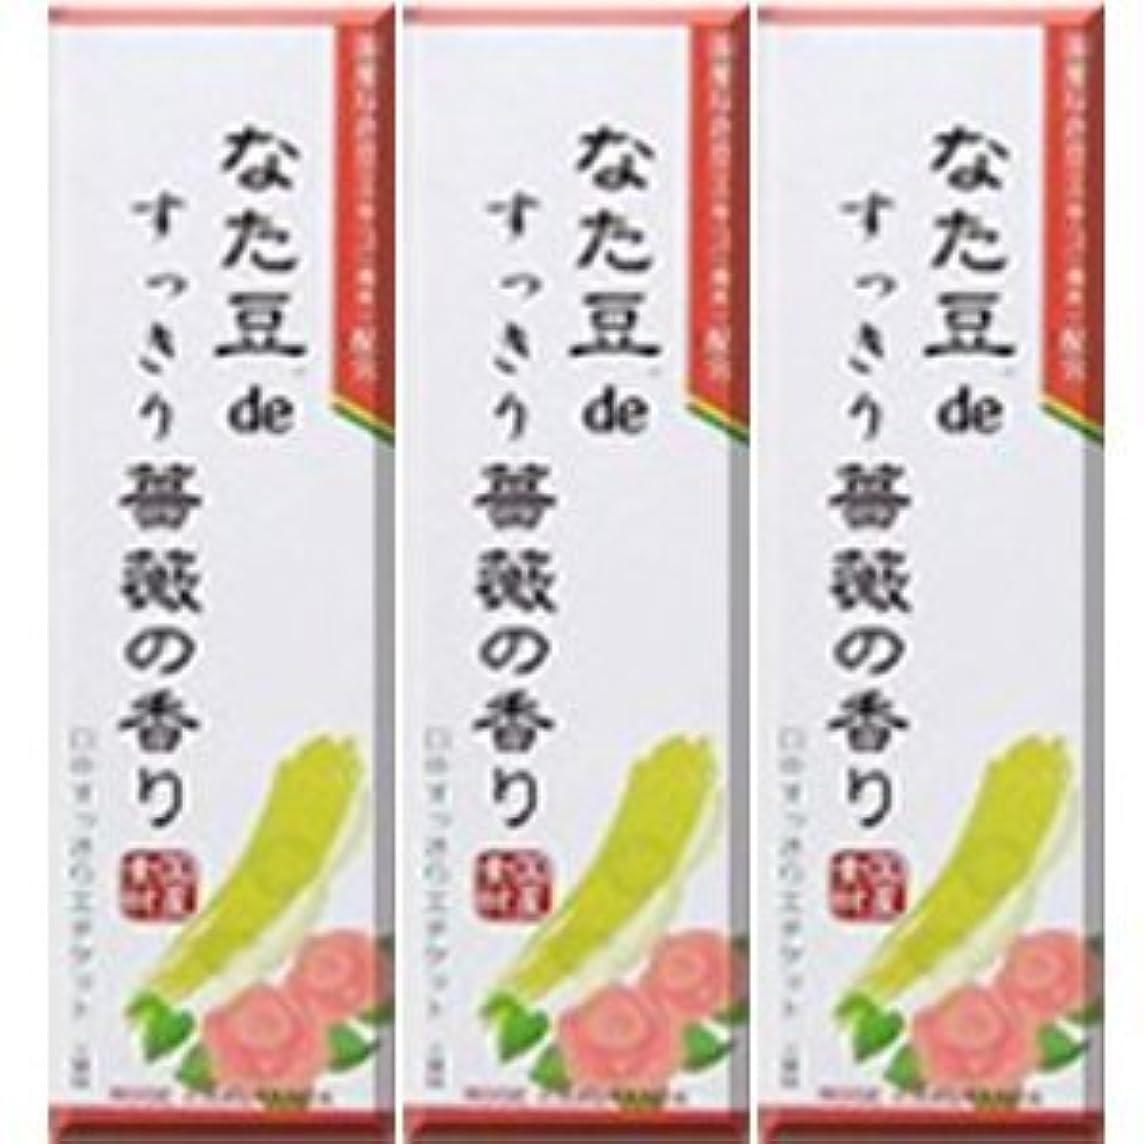 歪めるオペラ確認なた豆deすっきり薔薇の香り 120gx3個 (4543268071192)